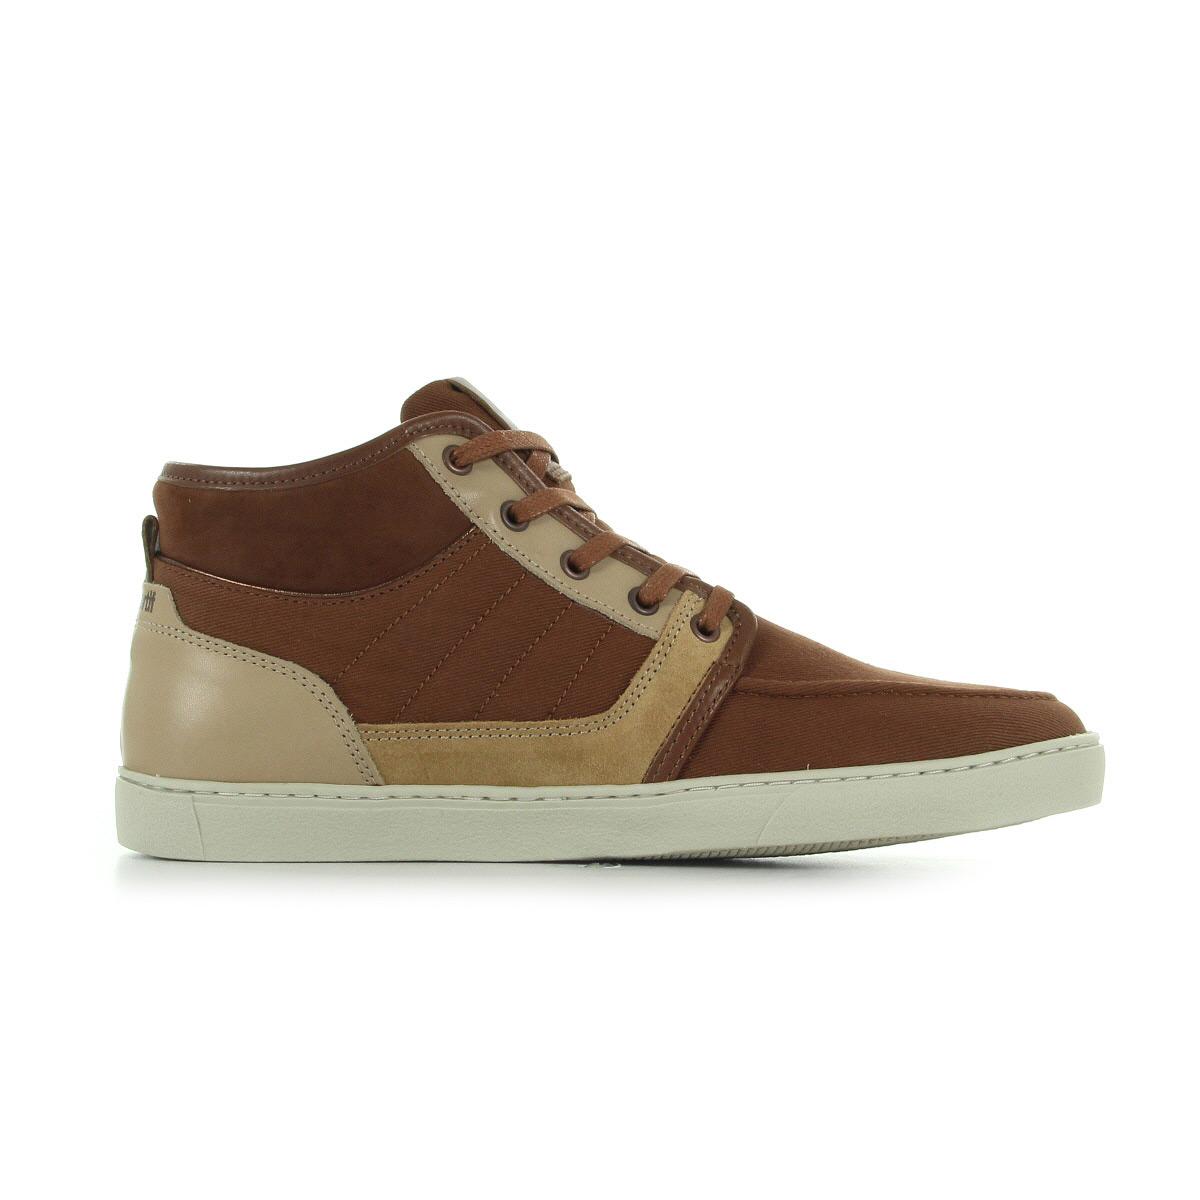 chaussures baskets le coq sportif homme perpignan demi cvs  suede taille brun